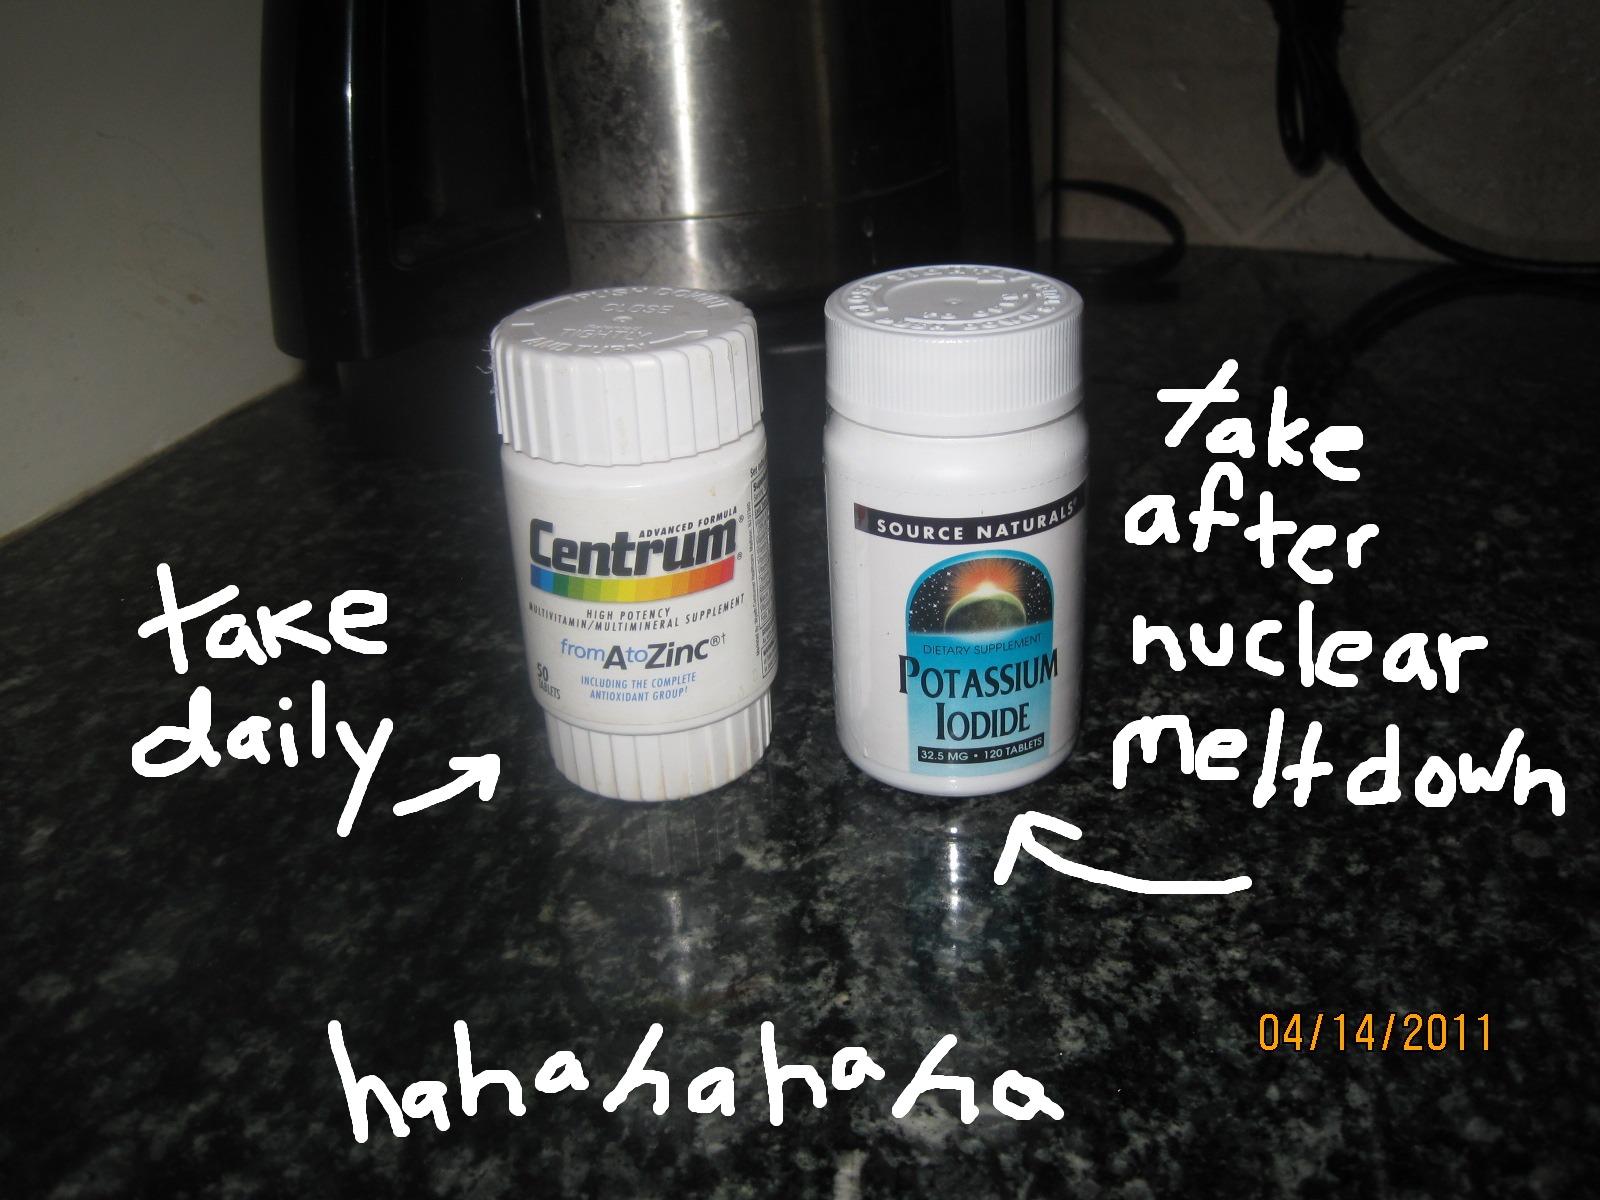 Radiation pill